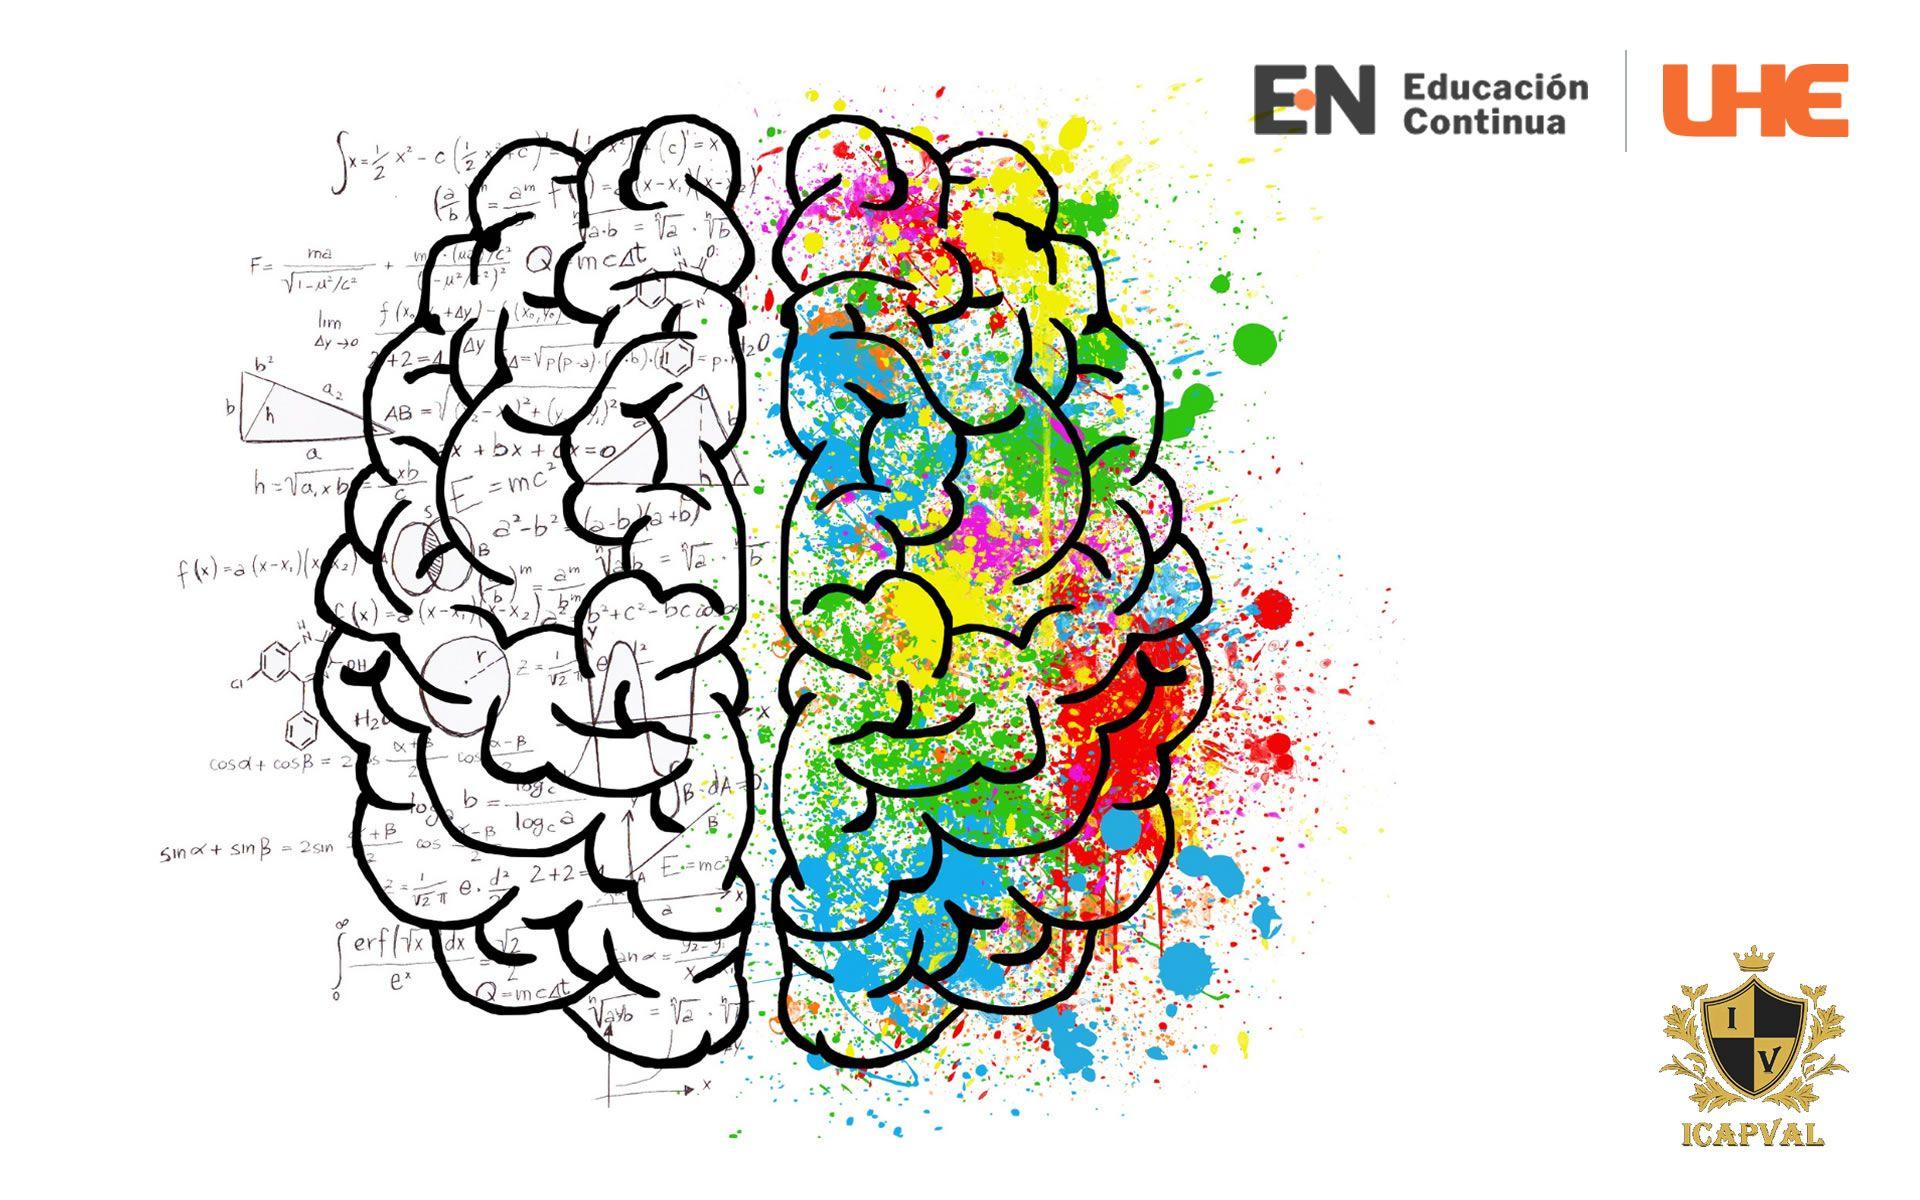 Especialidad en estrategias neuro educativas para tratar dificultades de comunicación en el aula